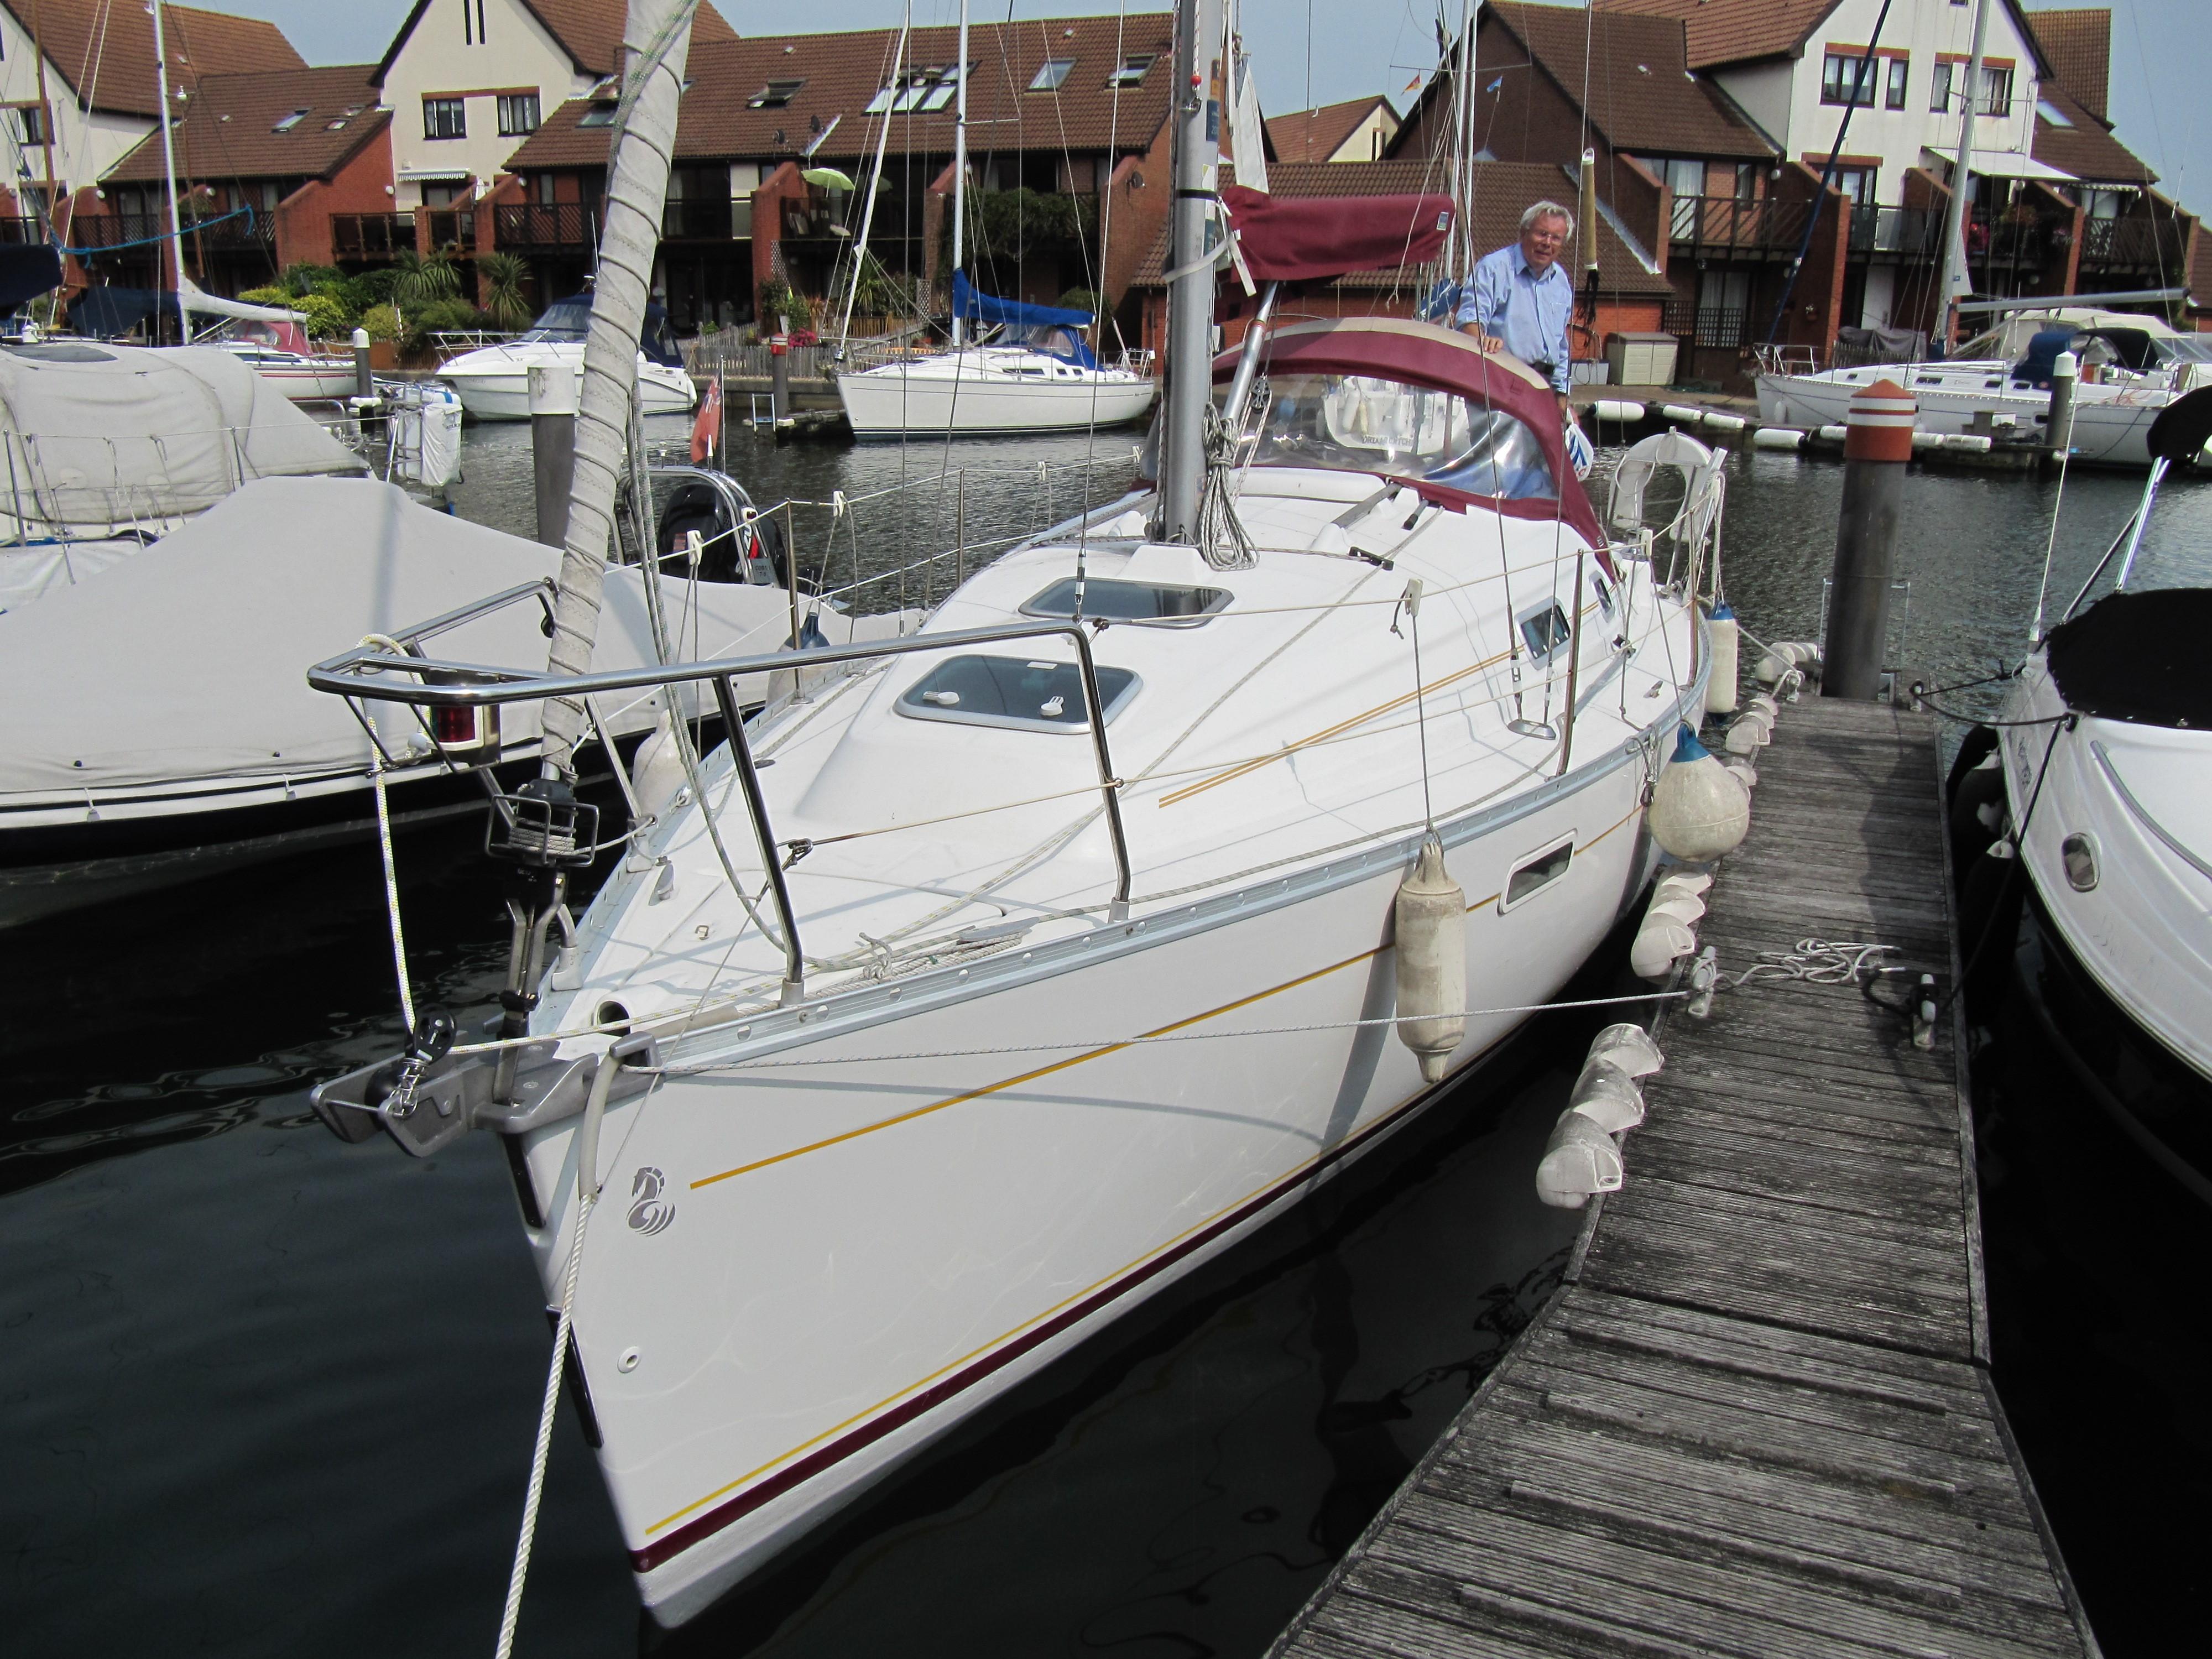 Beneteau Oceanis 281 Beneteau Oceanis 281 - For Sale